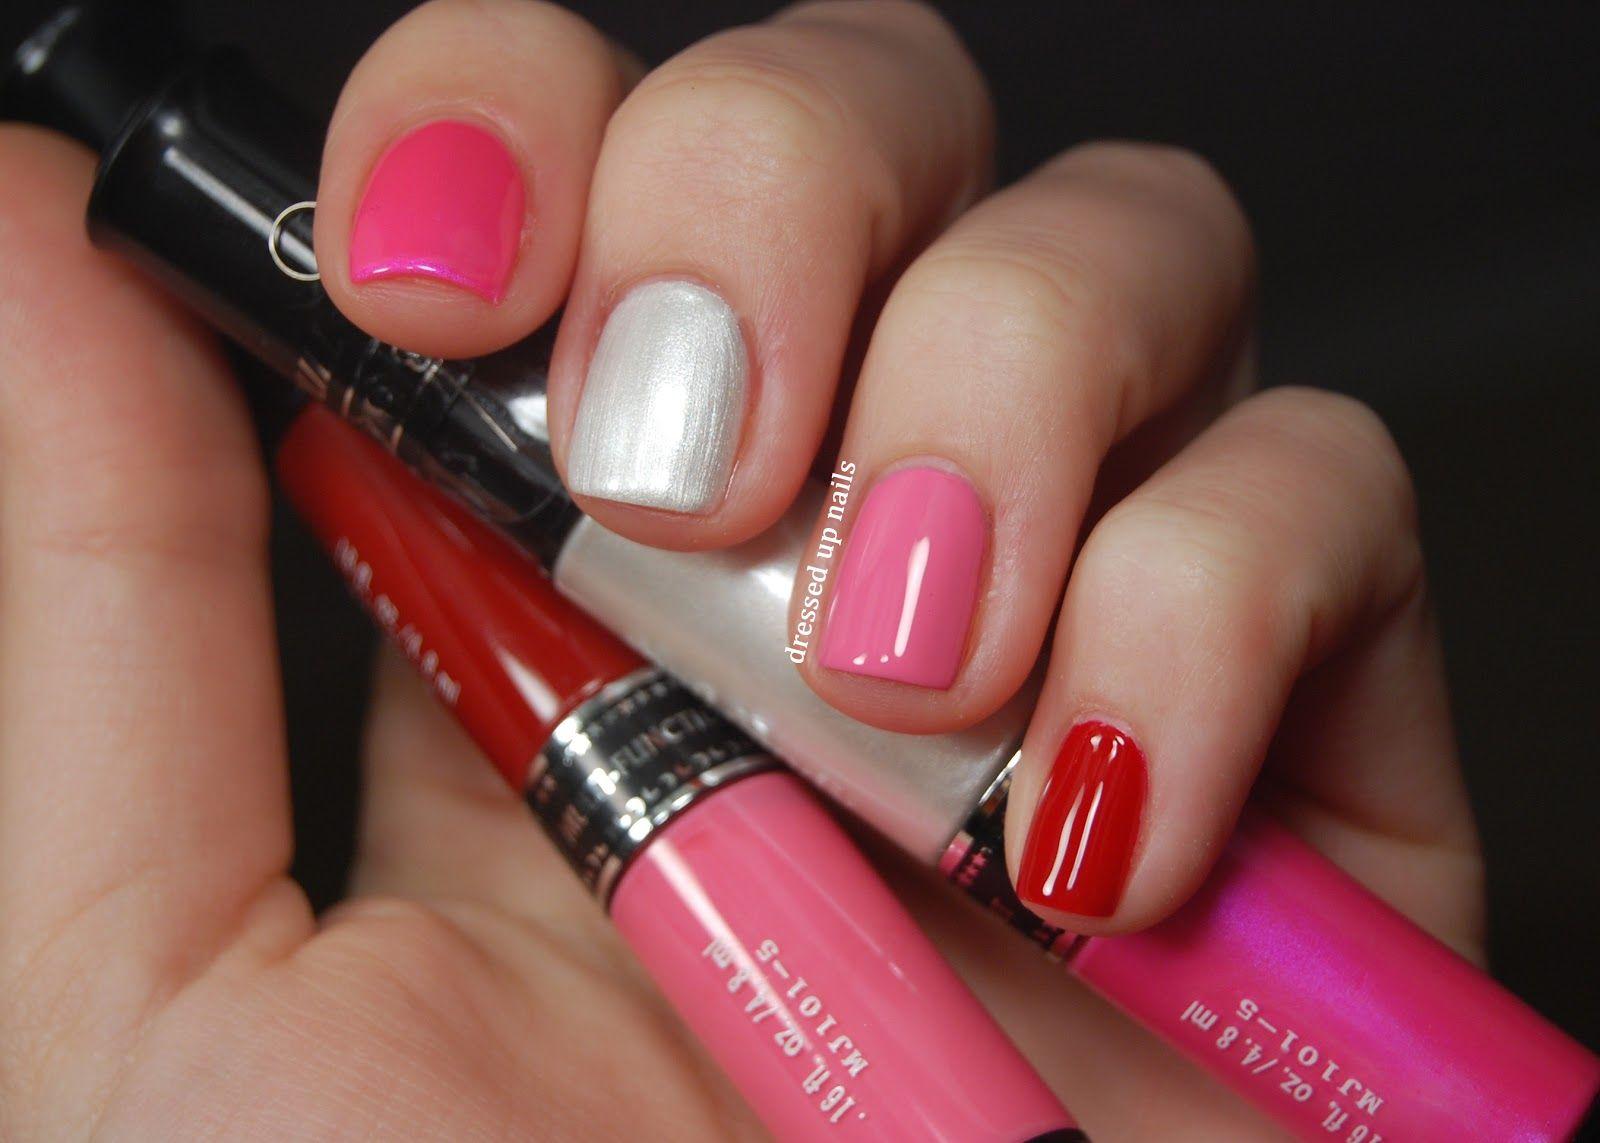 Nail Candy Love Letter nail art pen swatches | Nails nails nails ...